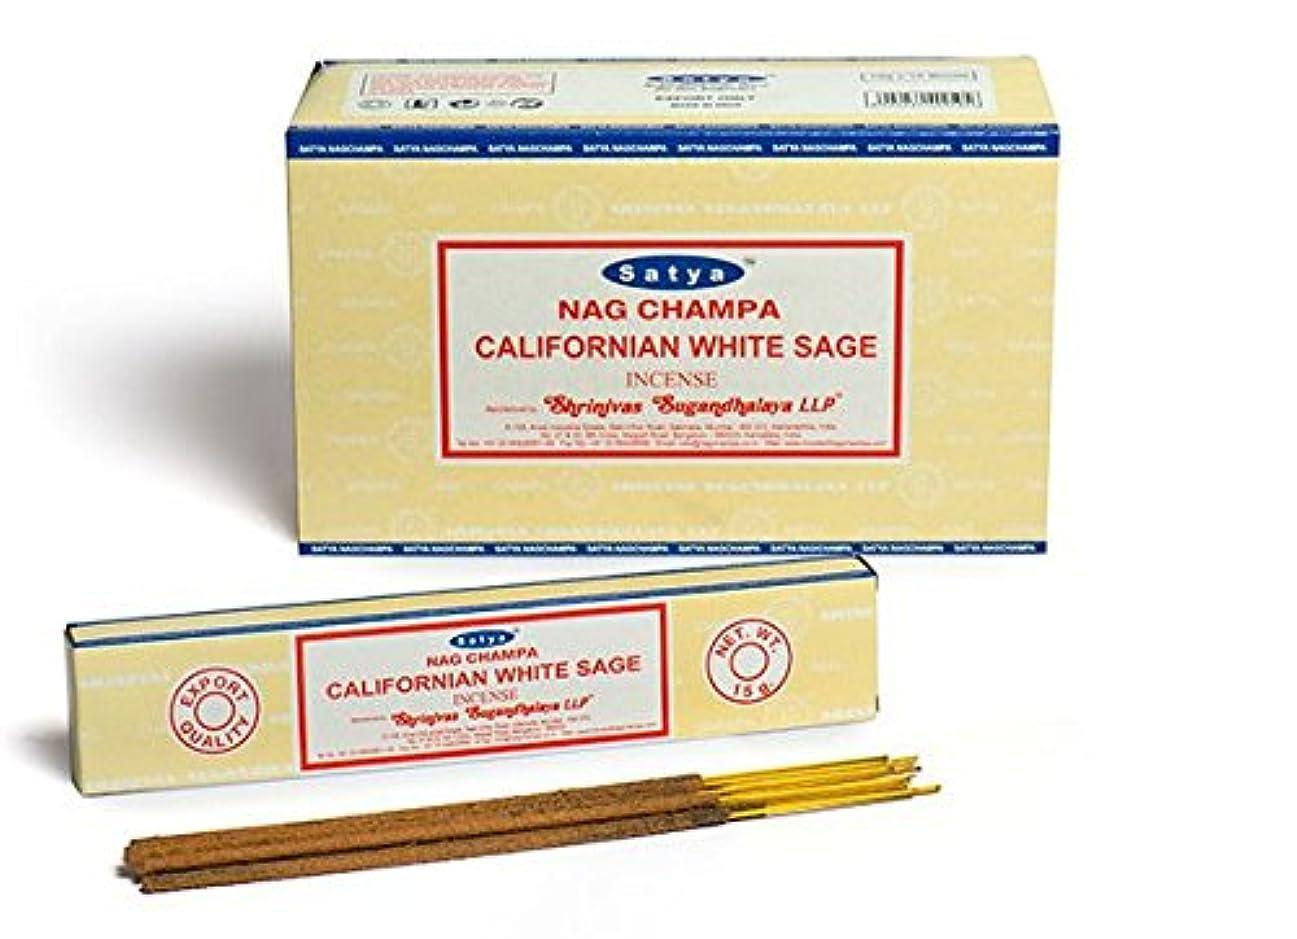 コールわがまましおれたSatya Nag Champa カリフォルニアホワイトセージ香スティック Agarbatti 180グラムボックス | 15グラム入り12パック 箱入り | 輸出品質